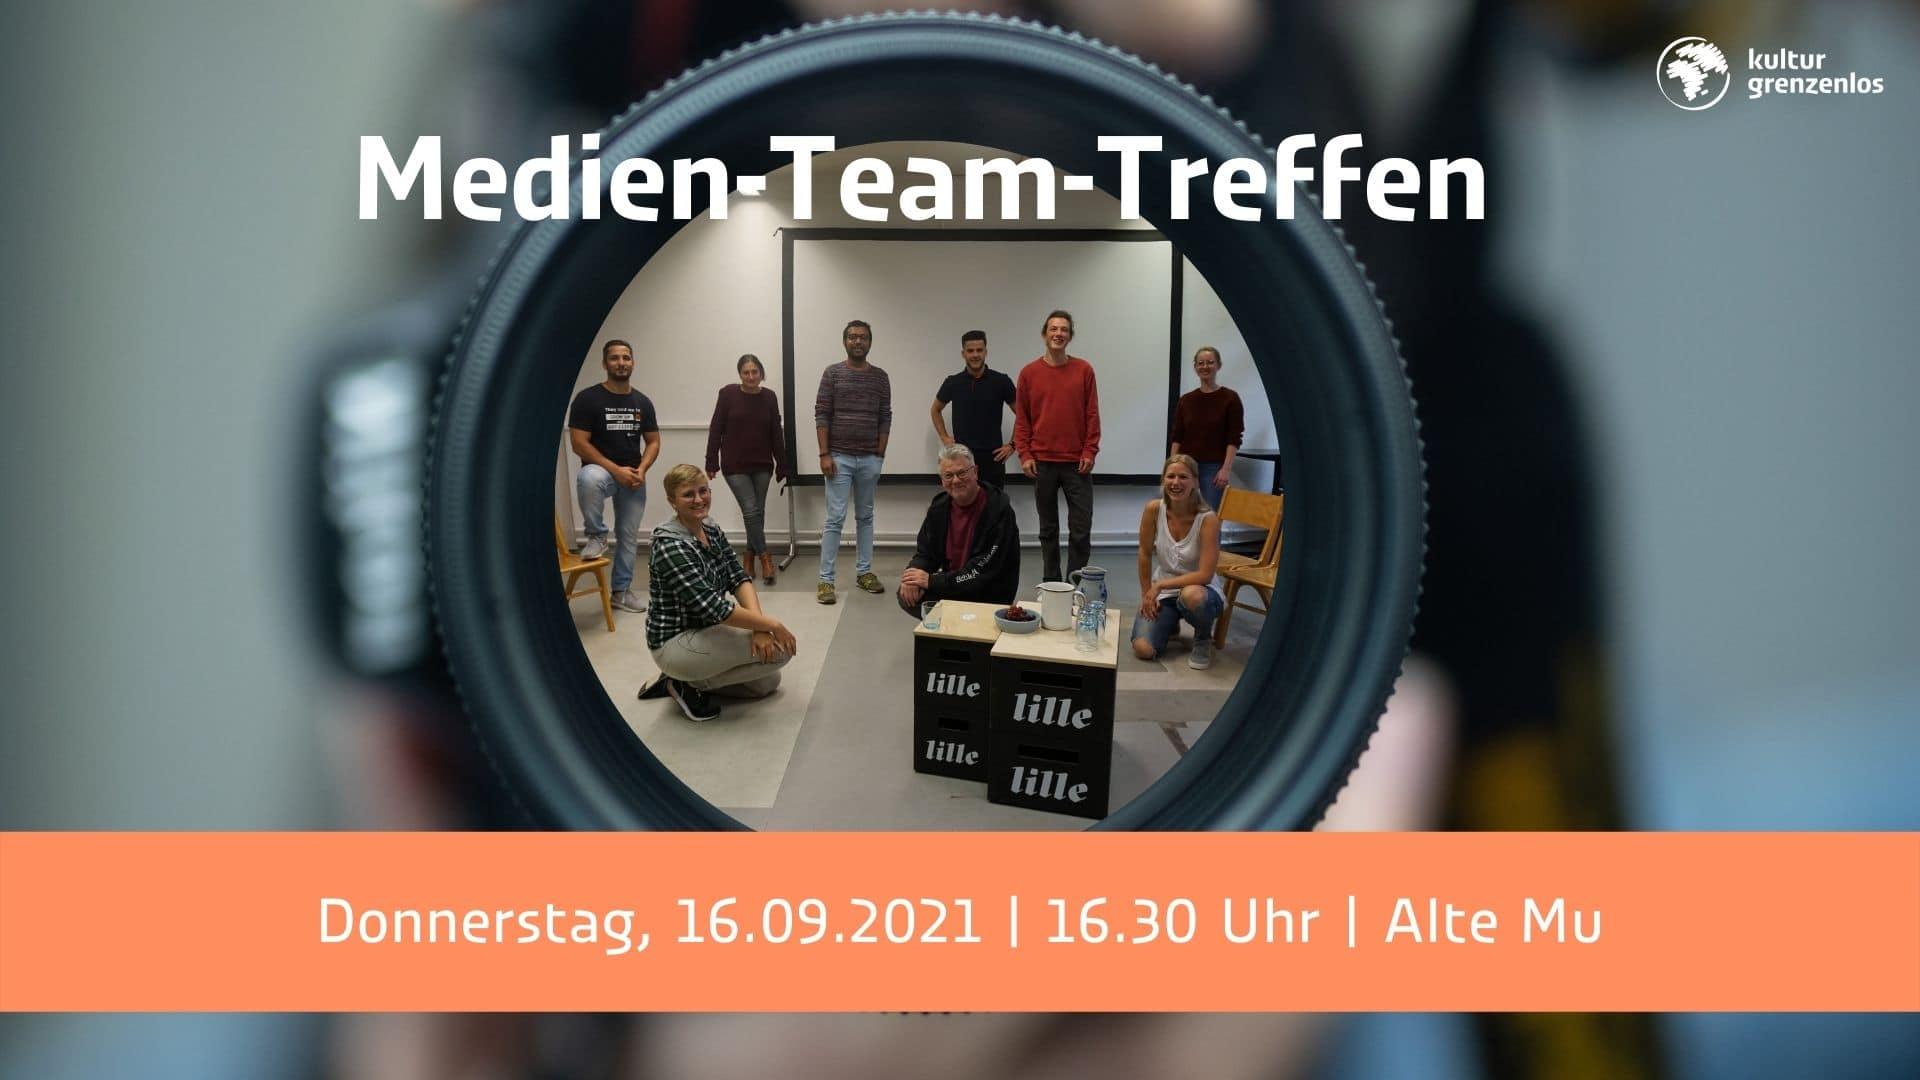 Am 16.09. ist das Medien-Treffen von kulturgrenzenlos